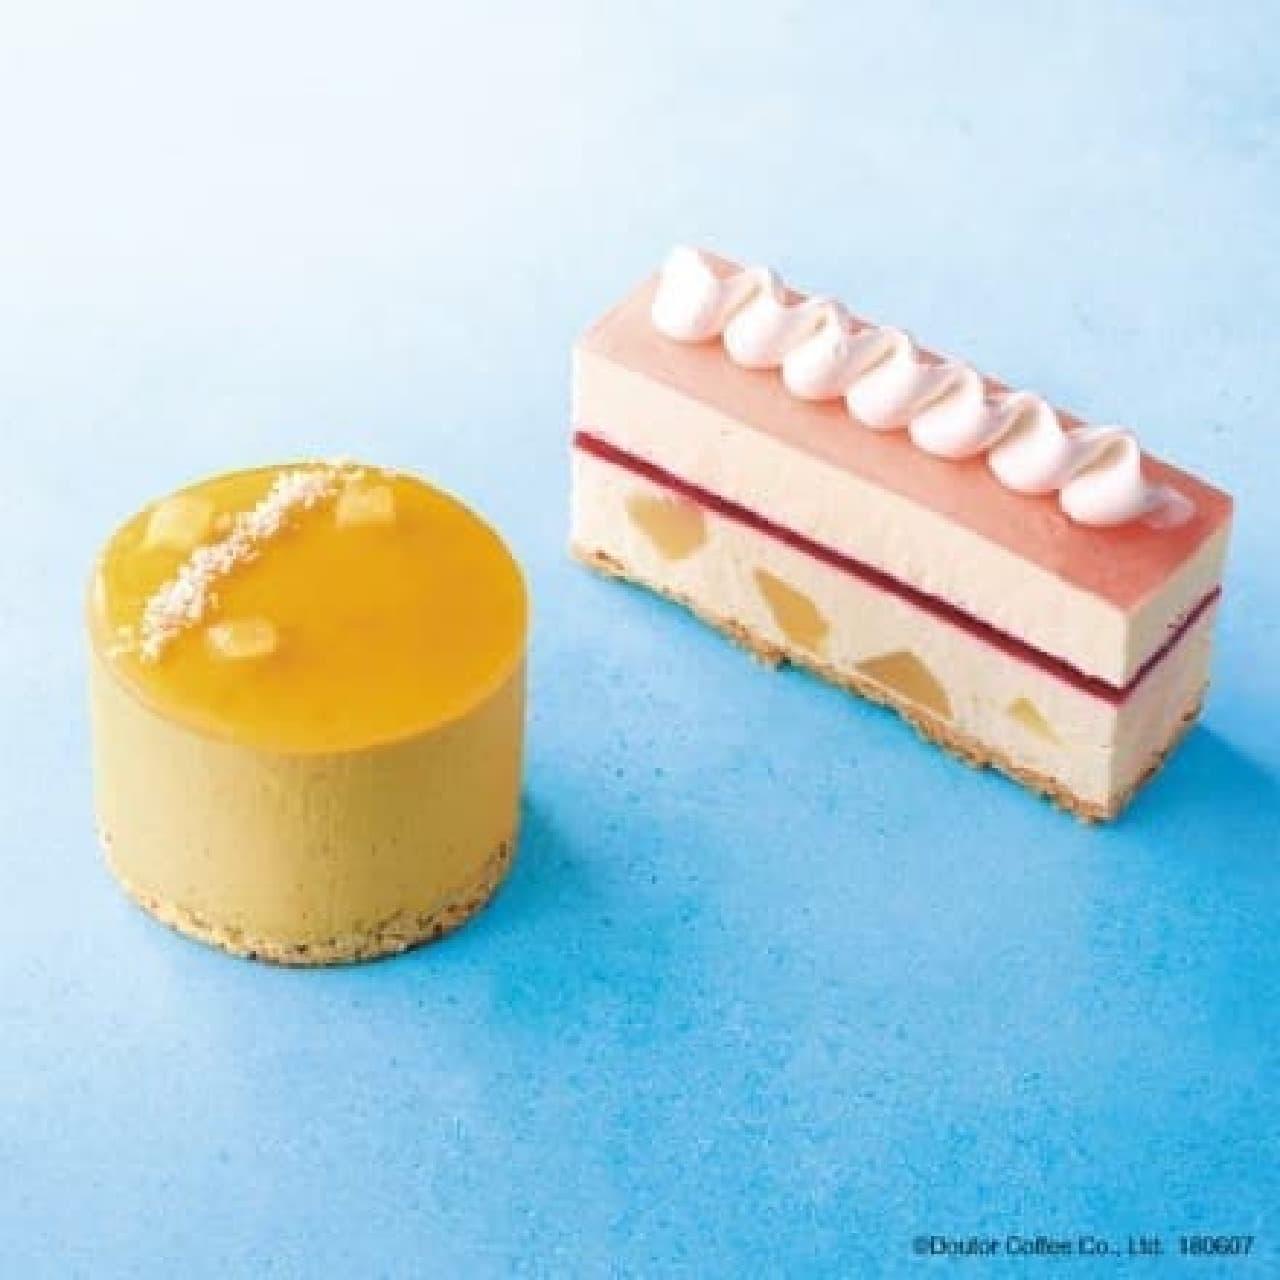 エクセルシオール カフェ「マンゴームース~アールグレイの香り~」「白桃のレアチーズケーキ」